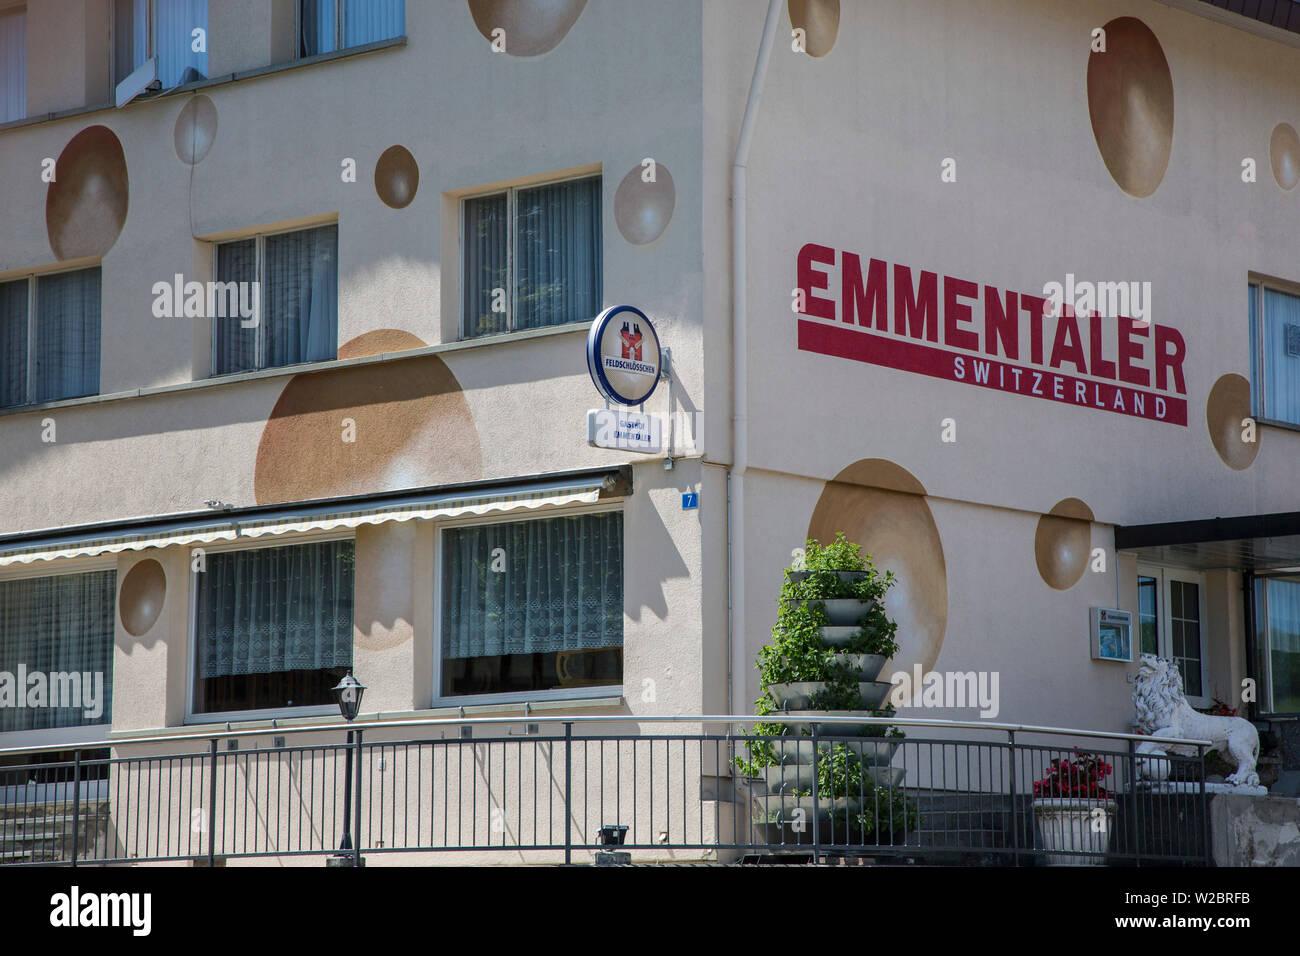 Pension gemalt wie ein Emmentaler Käse, Emmental, Berner Oberland, Schweiz Stockbild